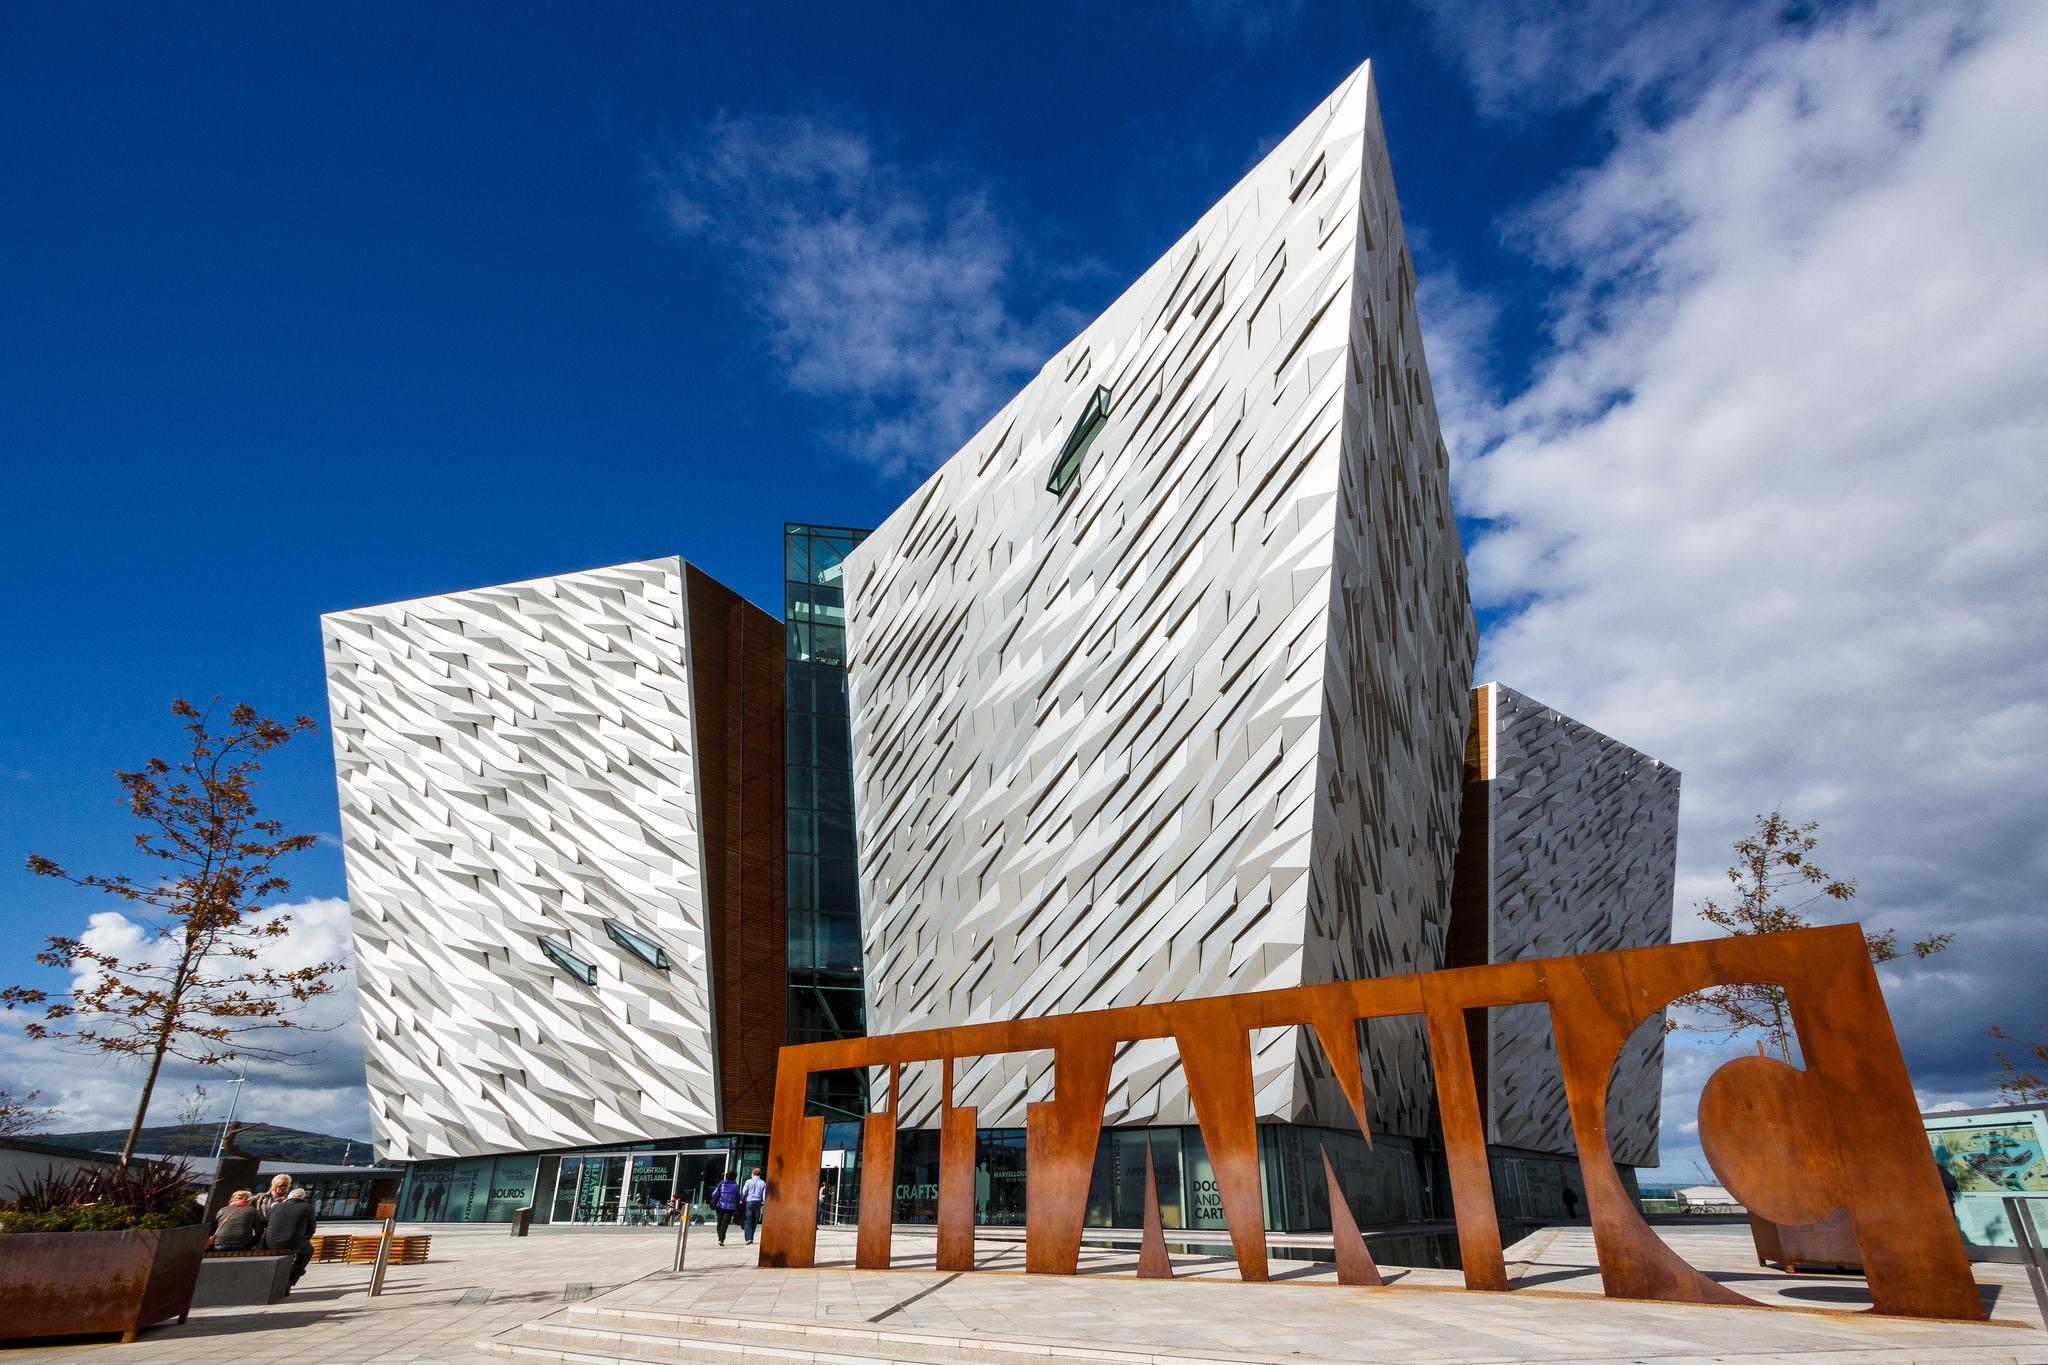 Titanic Belfast |© Nico Kaiser / Flickr